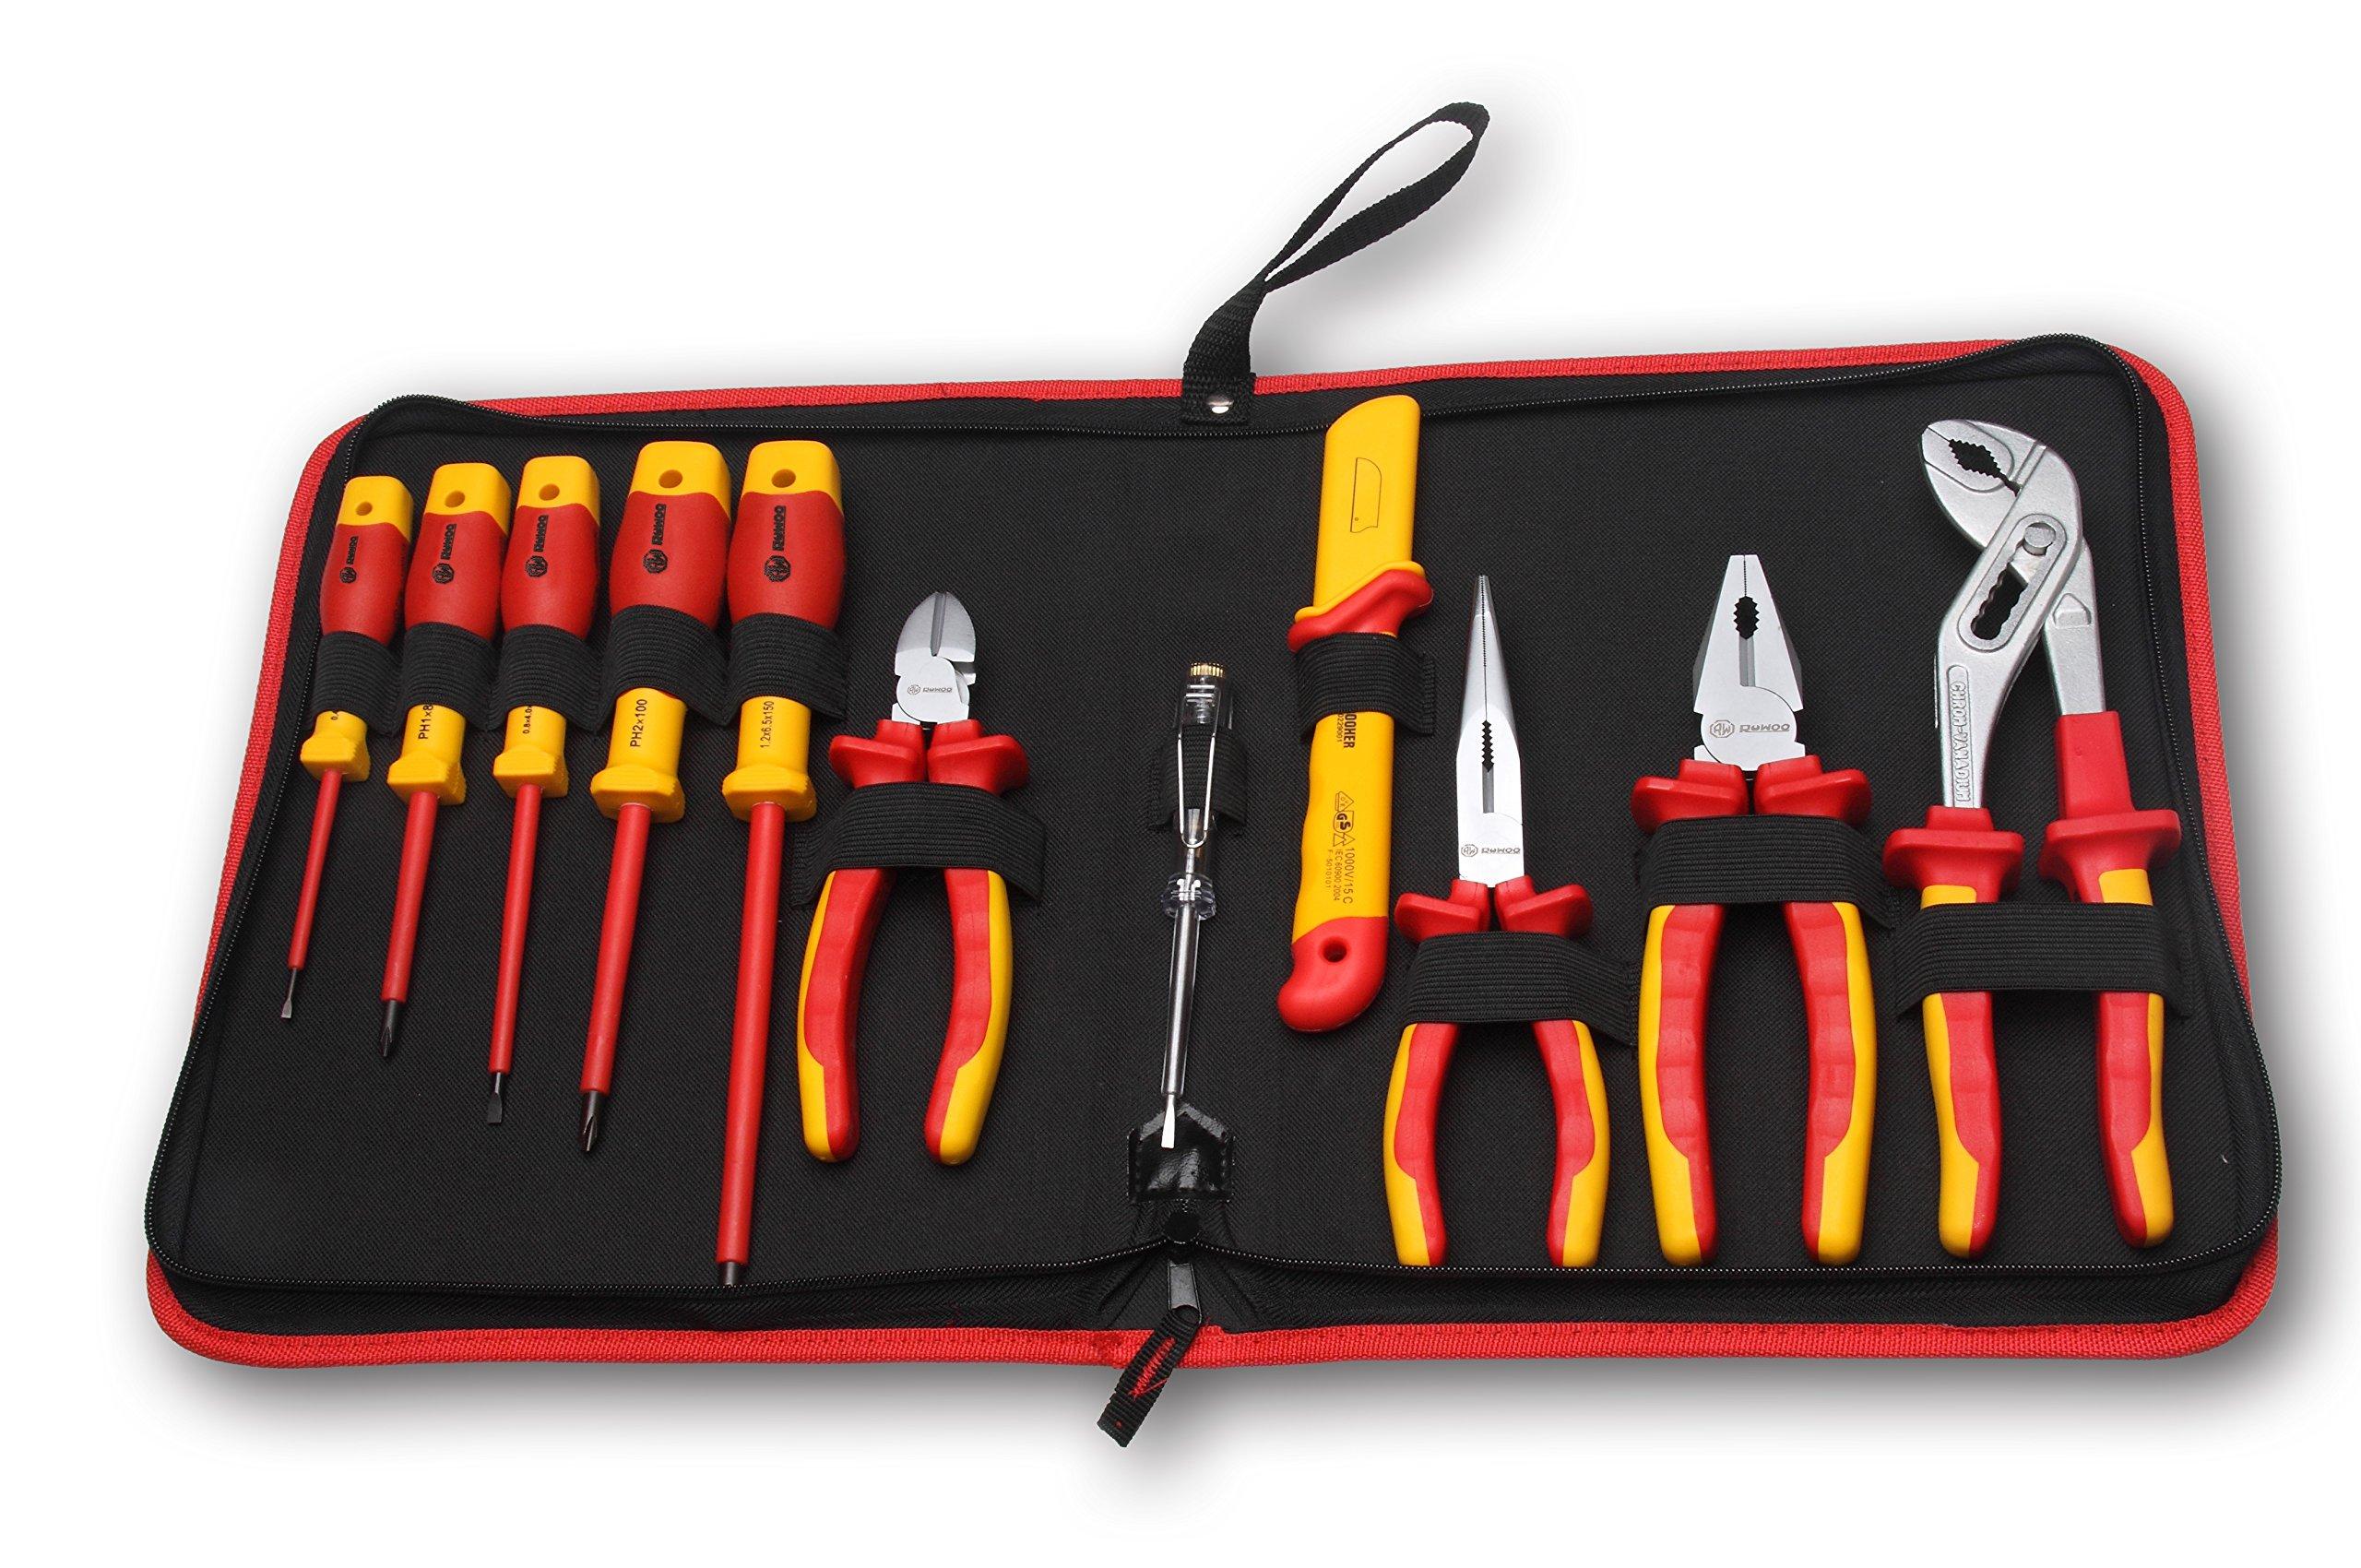 RUWOO Z03011 1000V VDE 11-Piece Insulated Tools Set